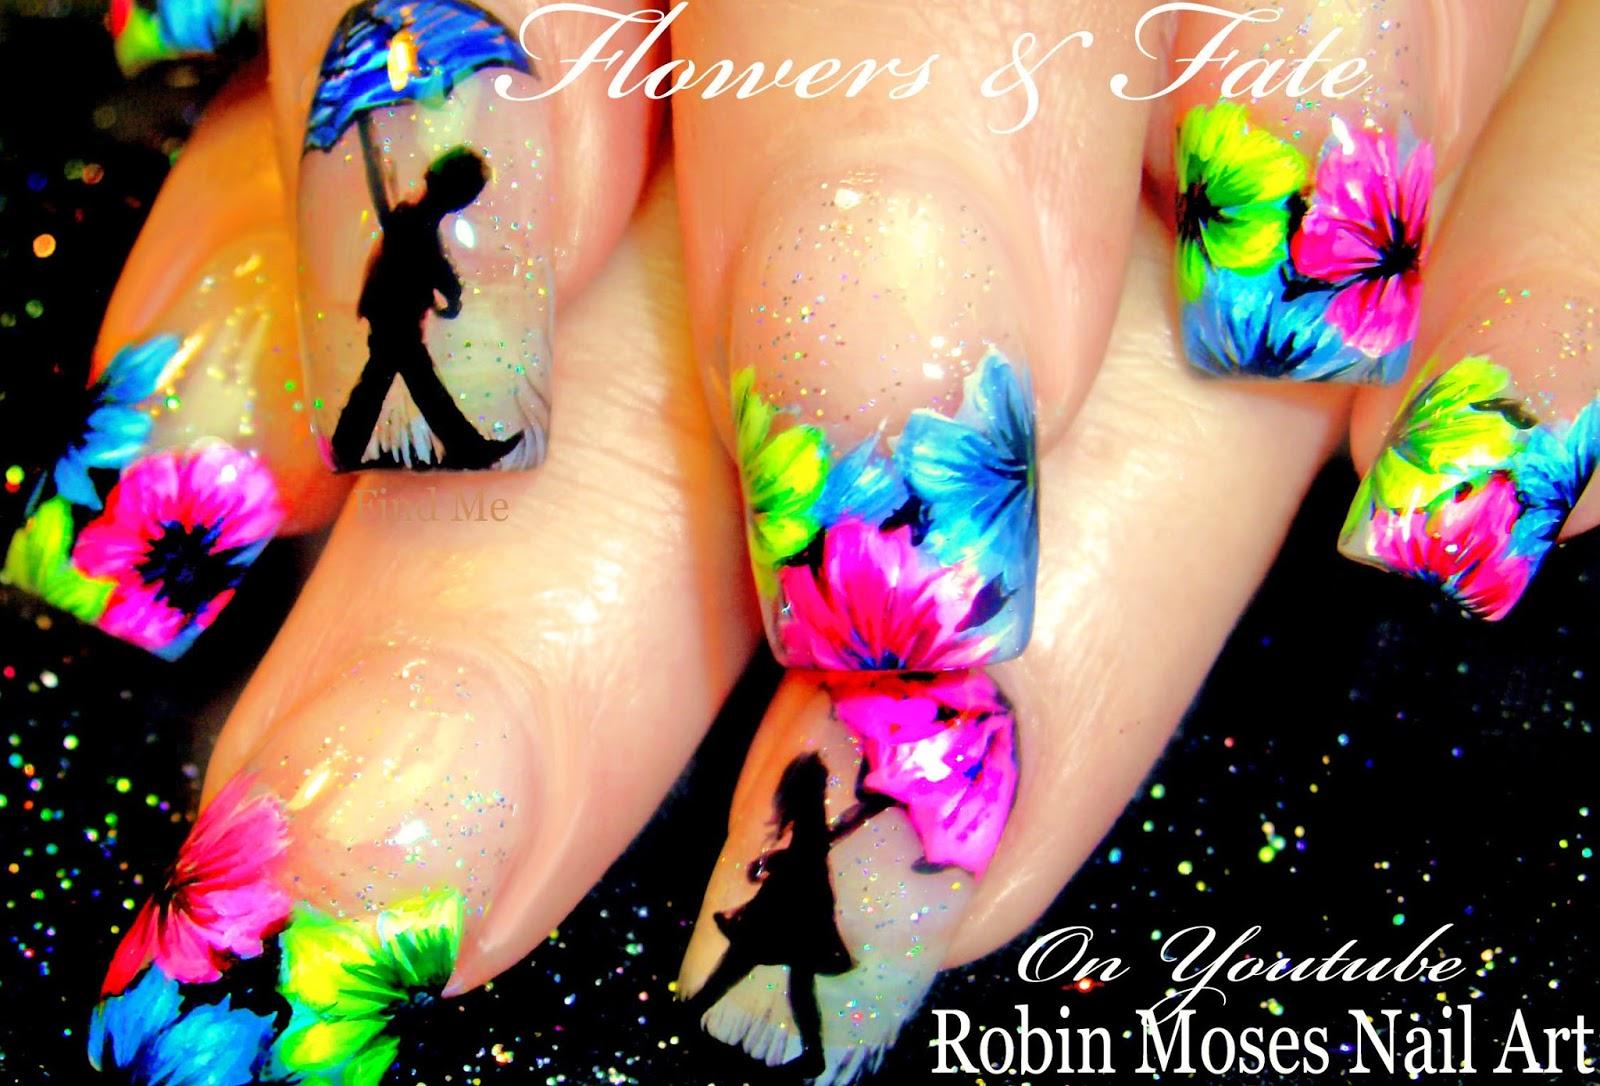 Robin Moses Nail Art Brushes Tecstar